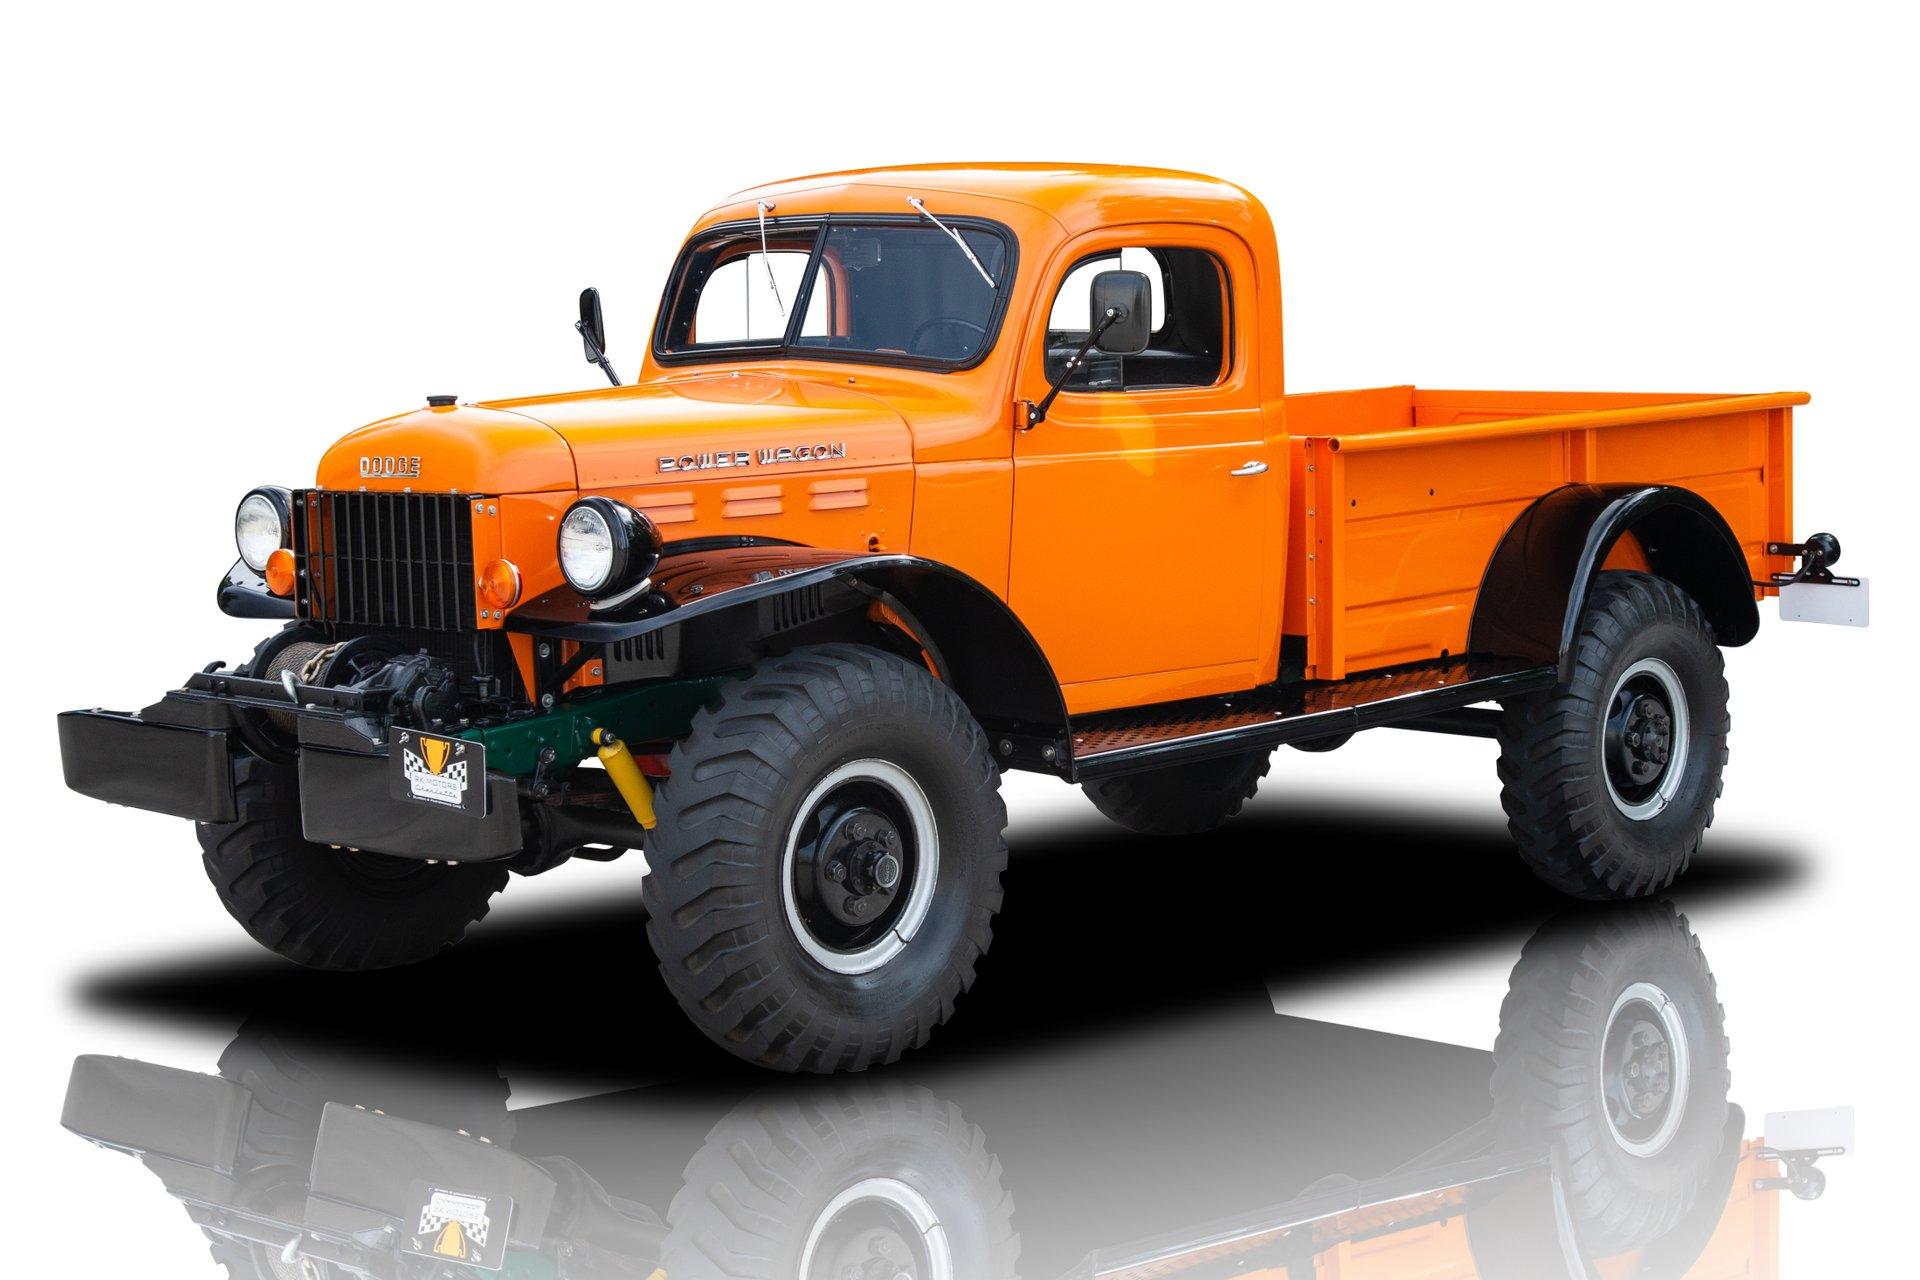 1968 dodge power wagon wm300